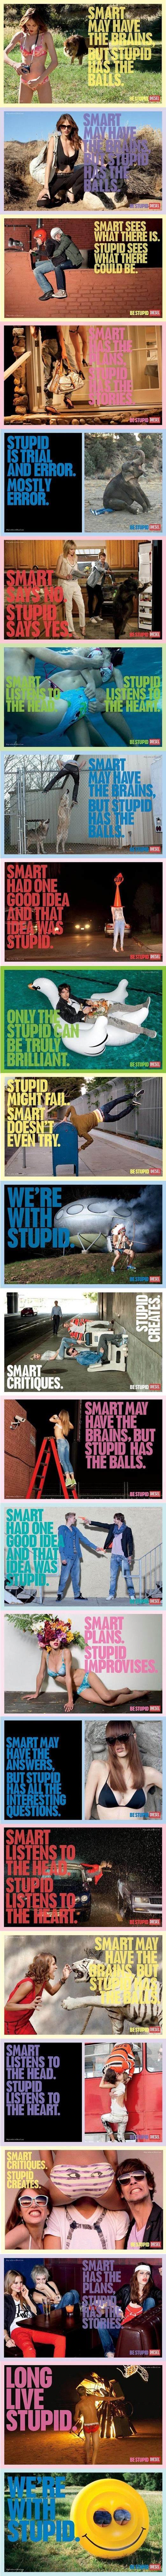 diesel be stupid